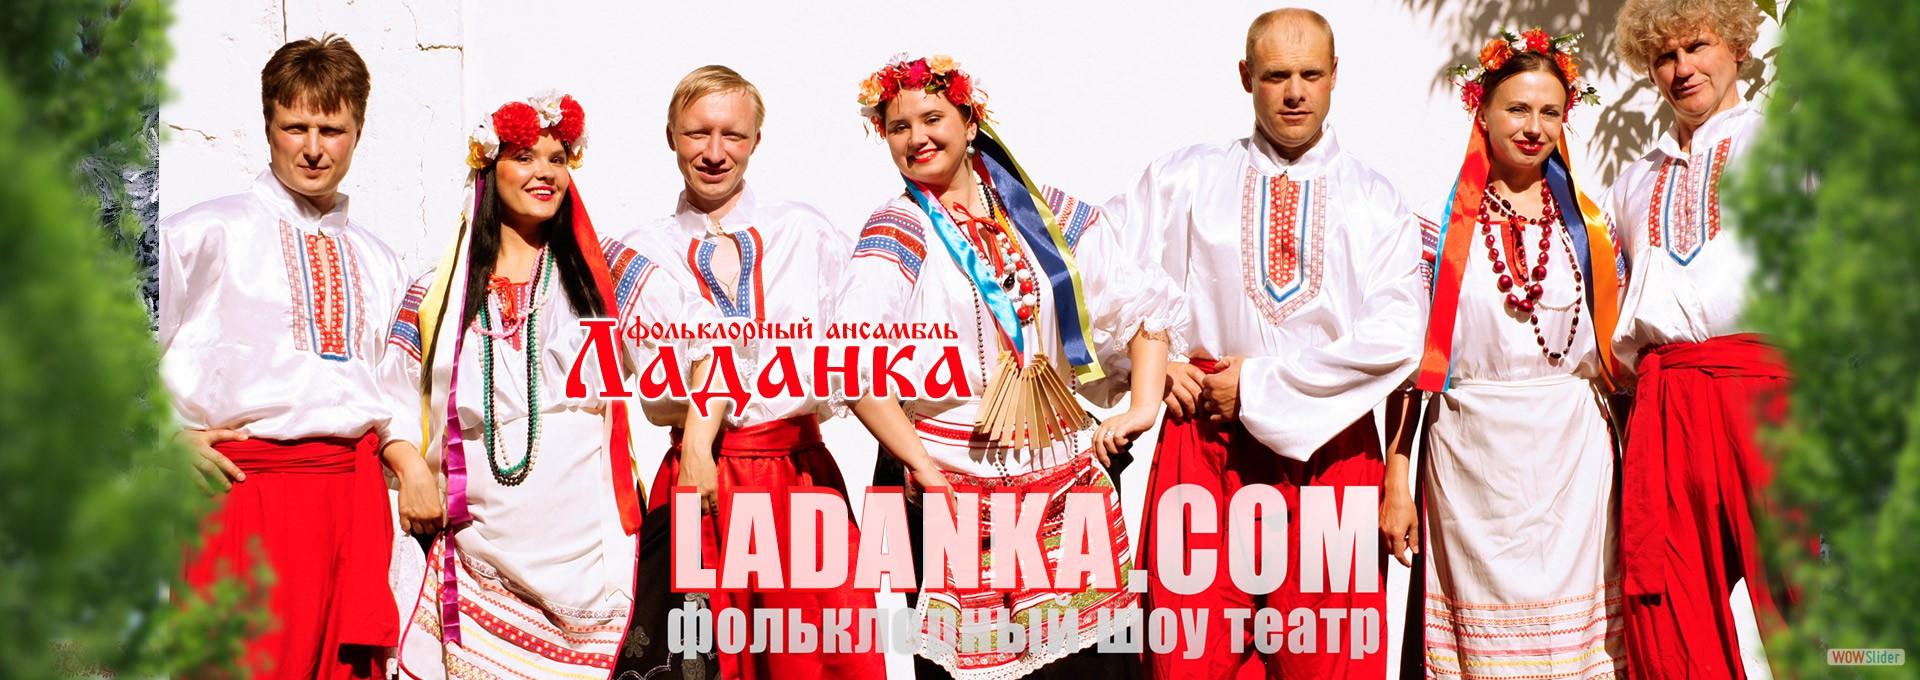 Фольклорный ансамбль ЛАДАНКА